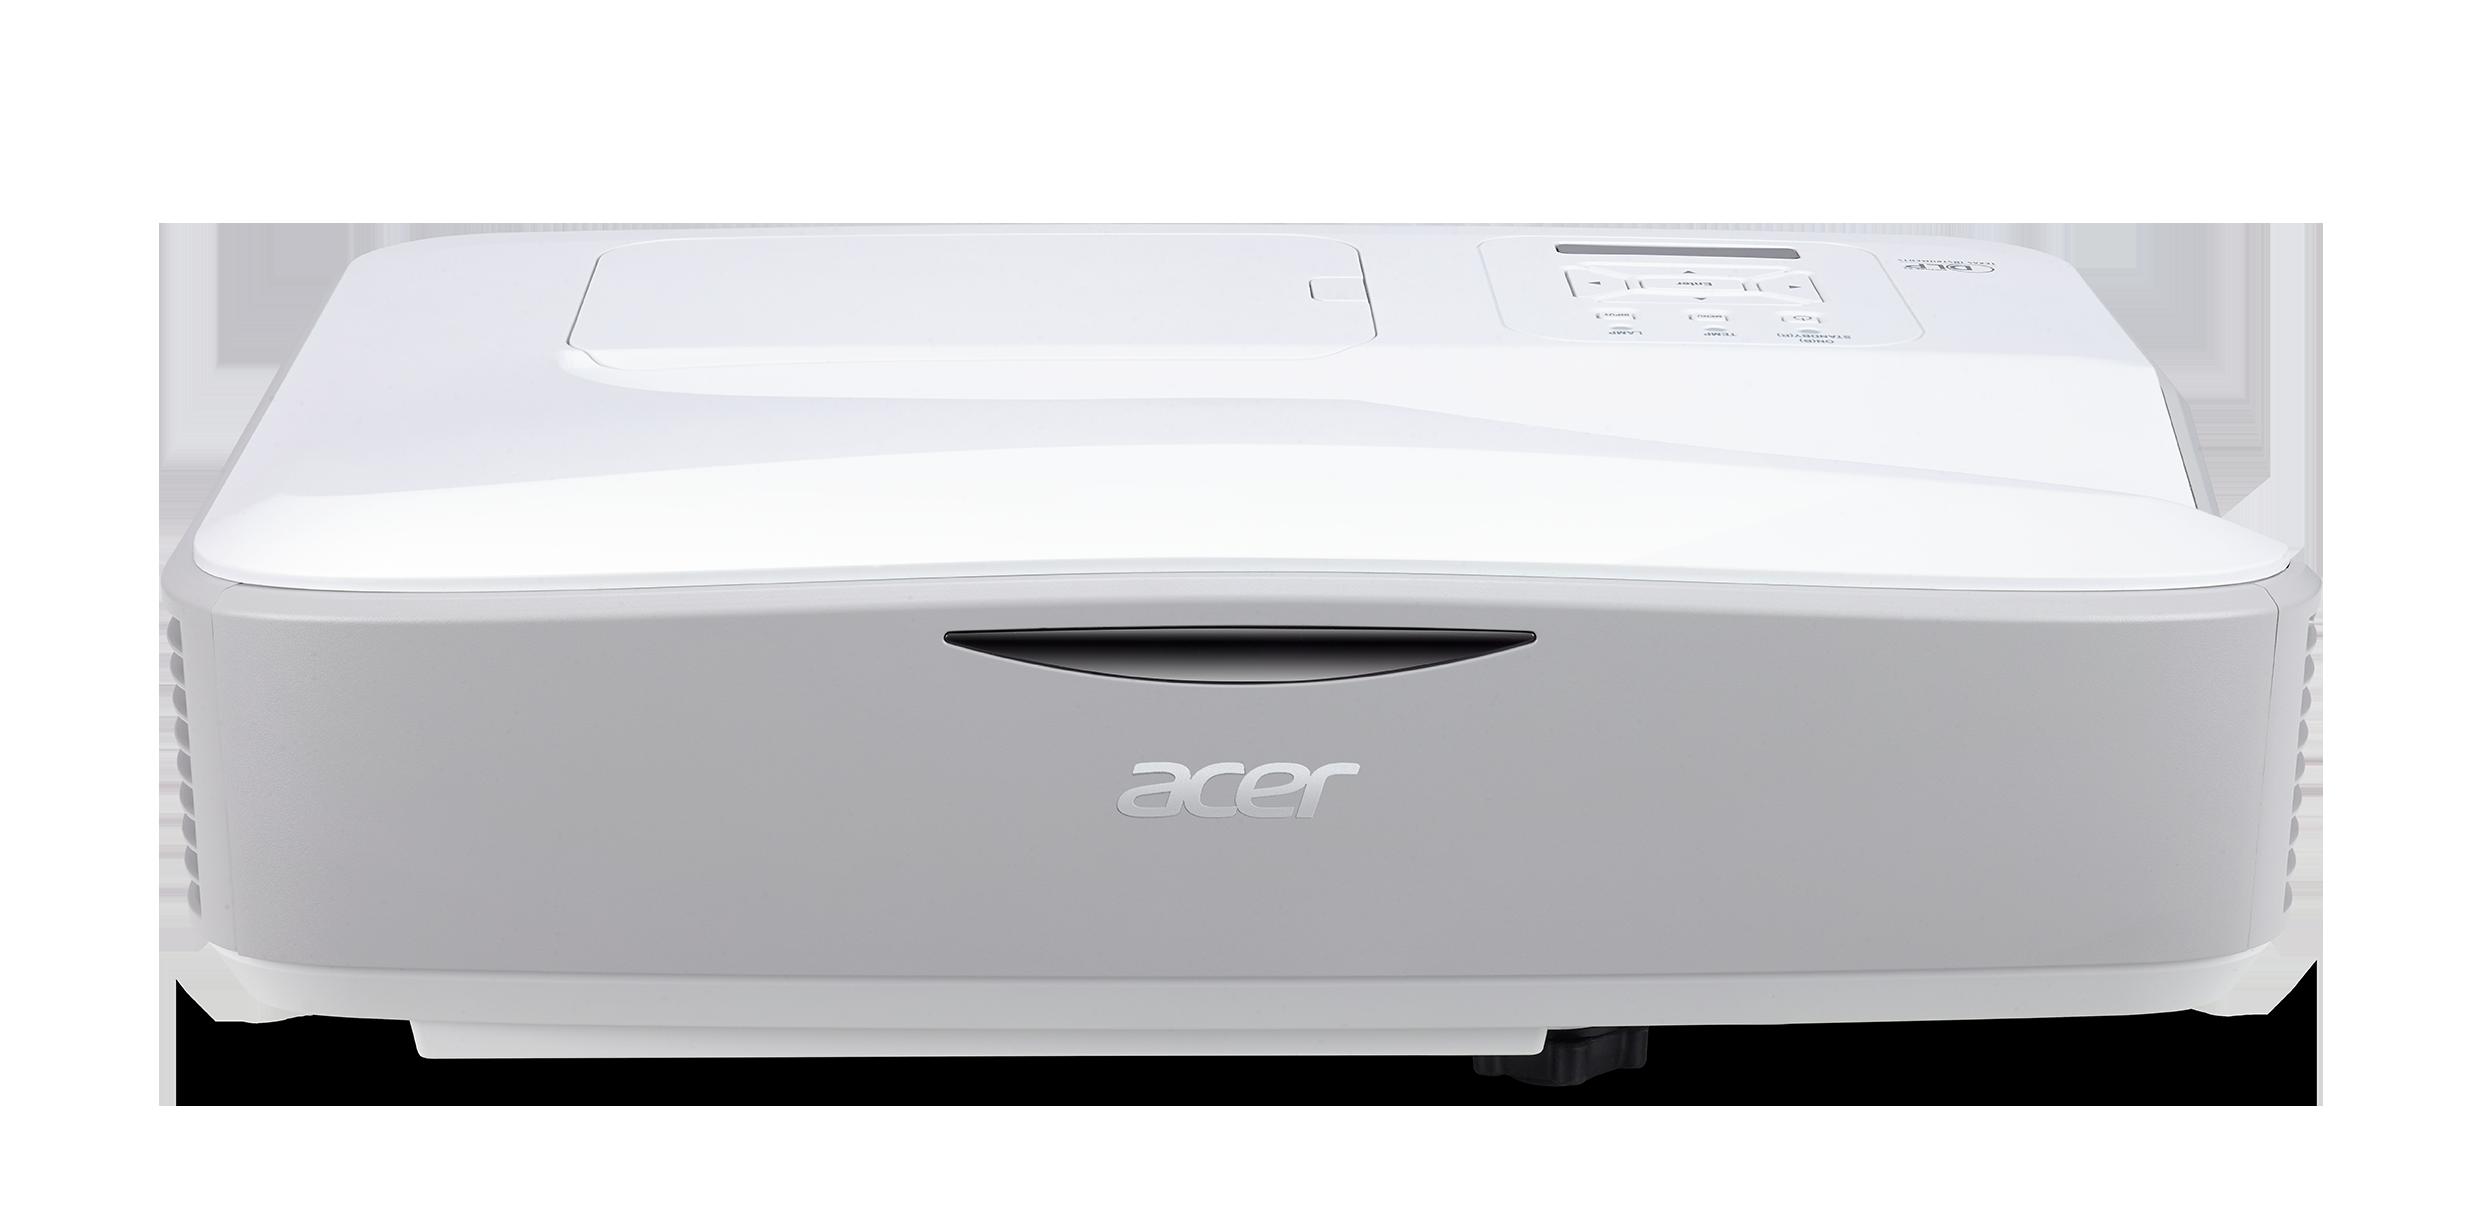 Acer DLP U5230 (UltraShortThrow) - 3200Lm, XGA, 18000:1, HDMI, VGA, USB, repro., bílý